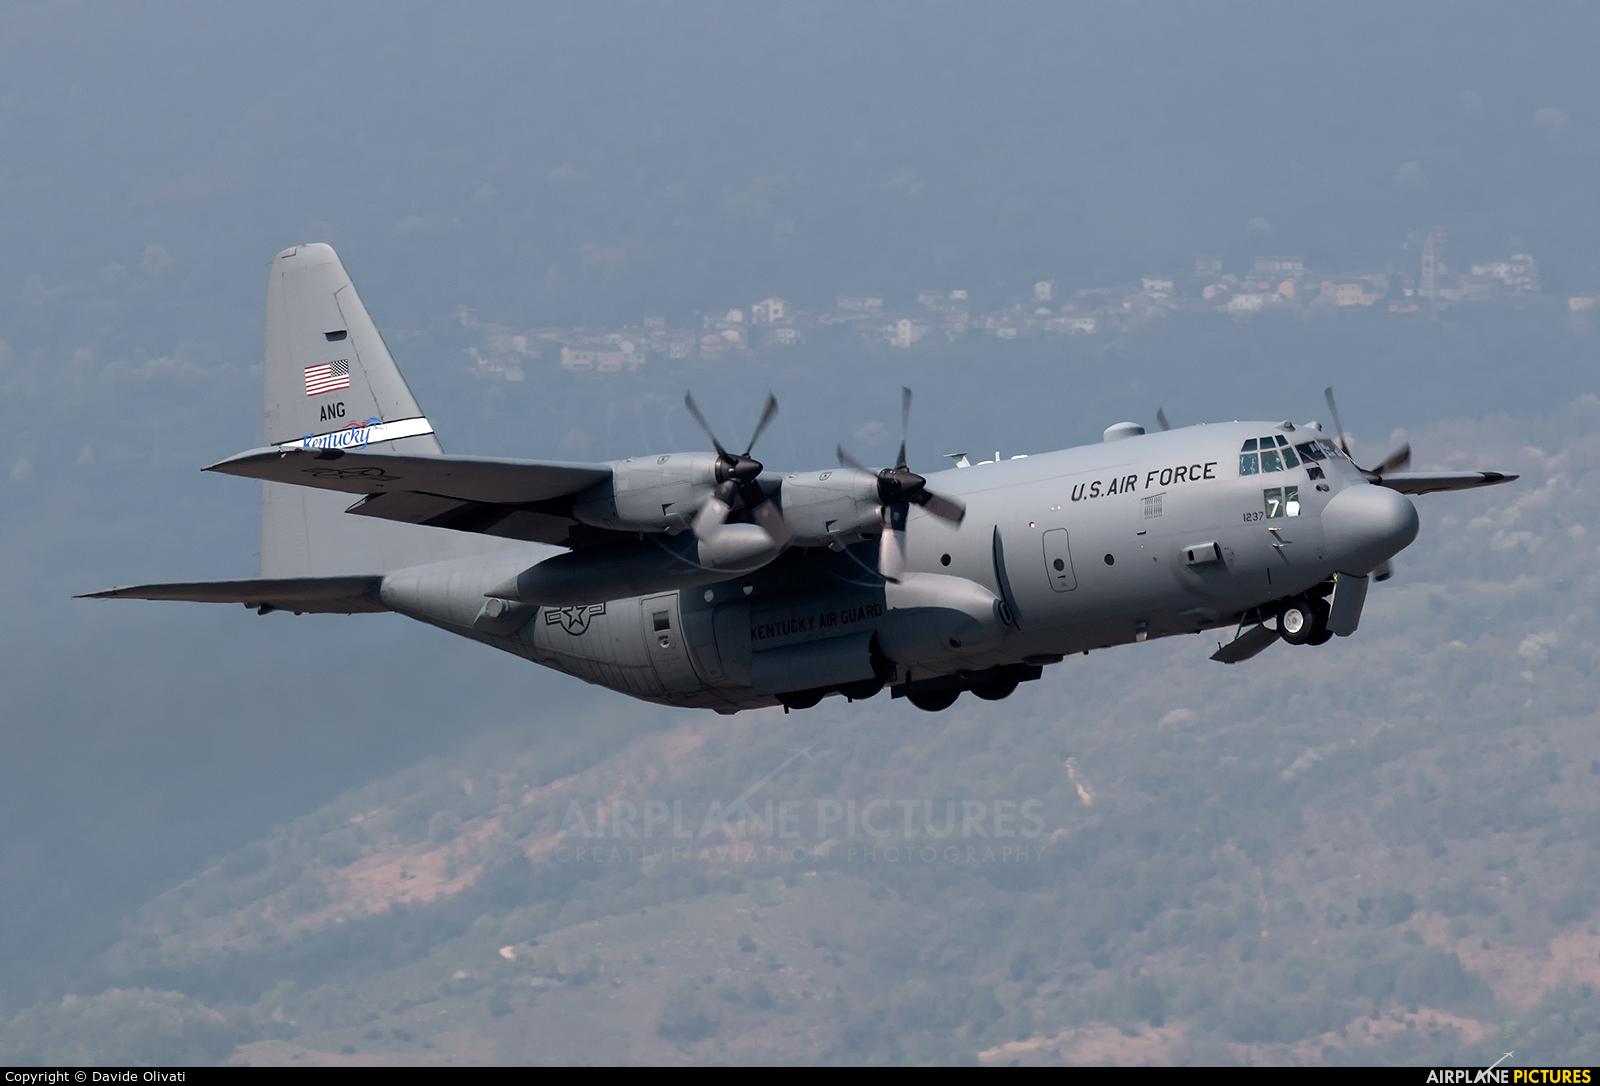 USA - Air Force 91-1237 aircraft at Aviano